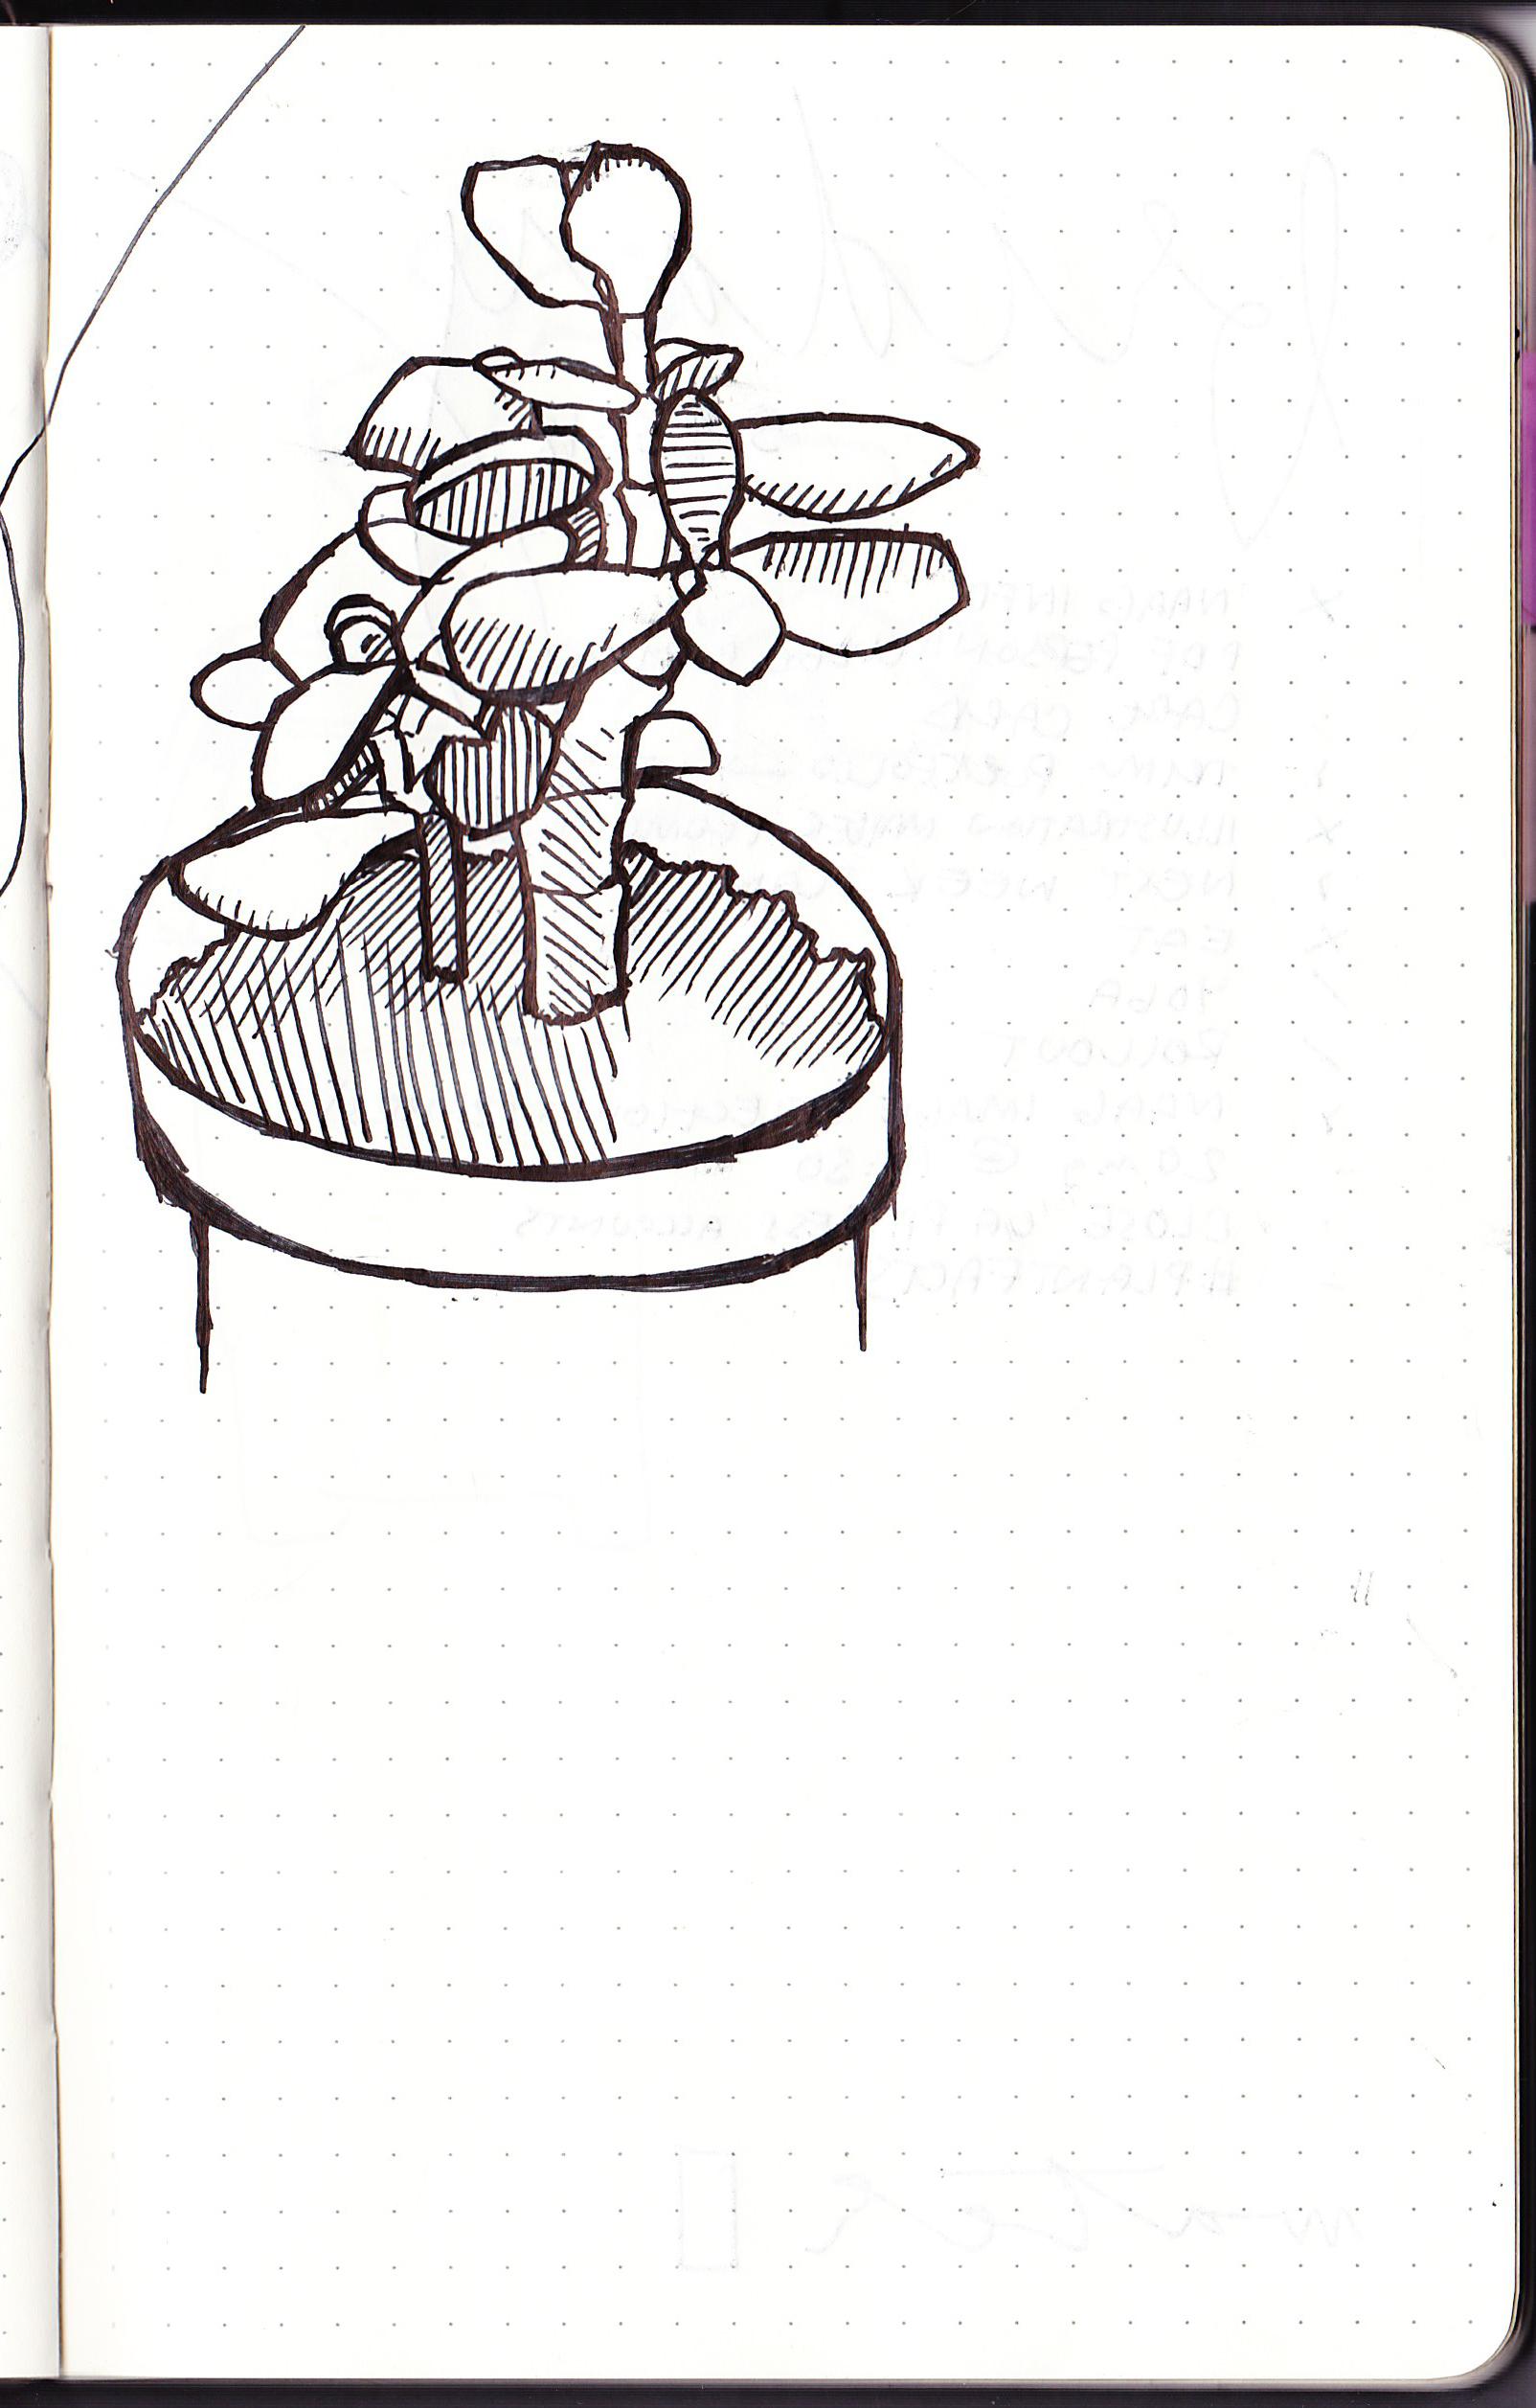 Sketch_007.jpg